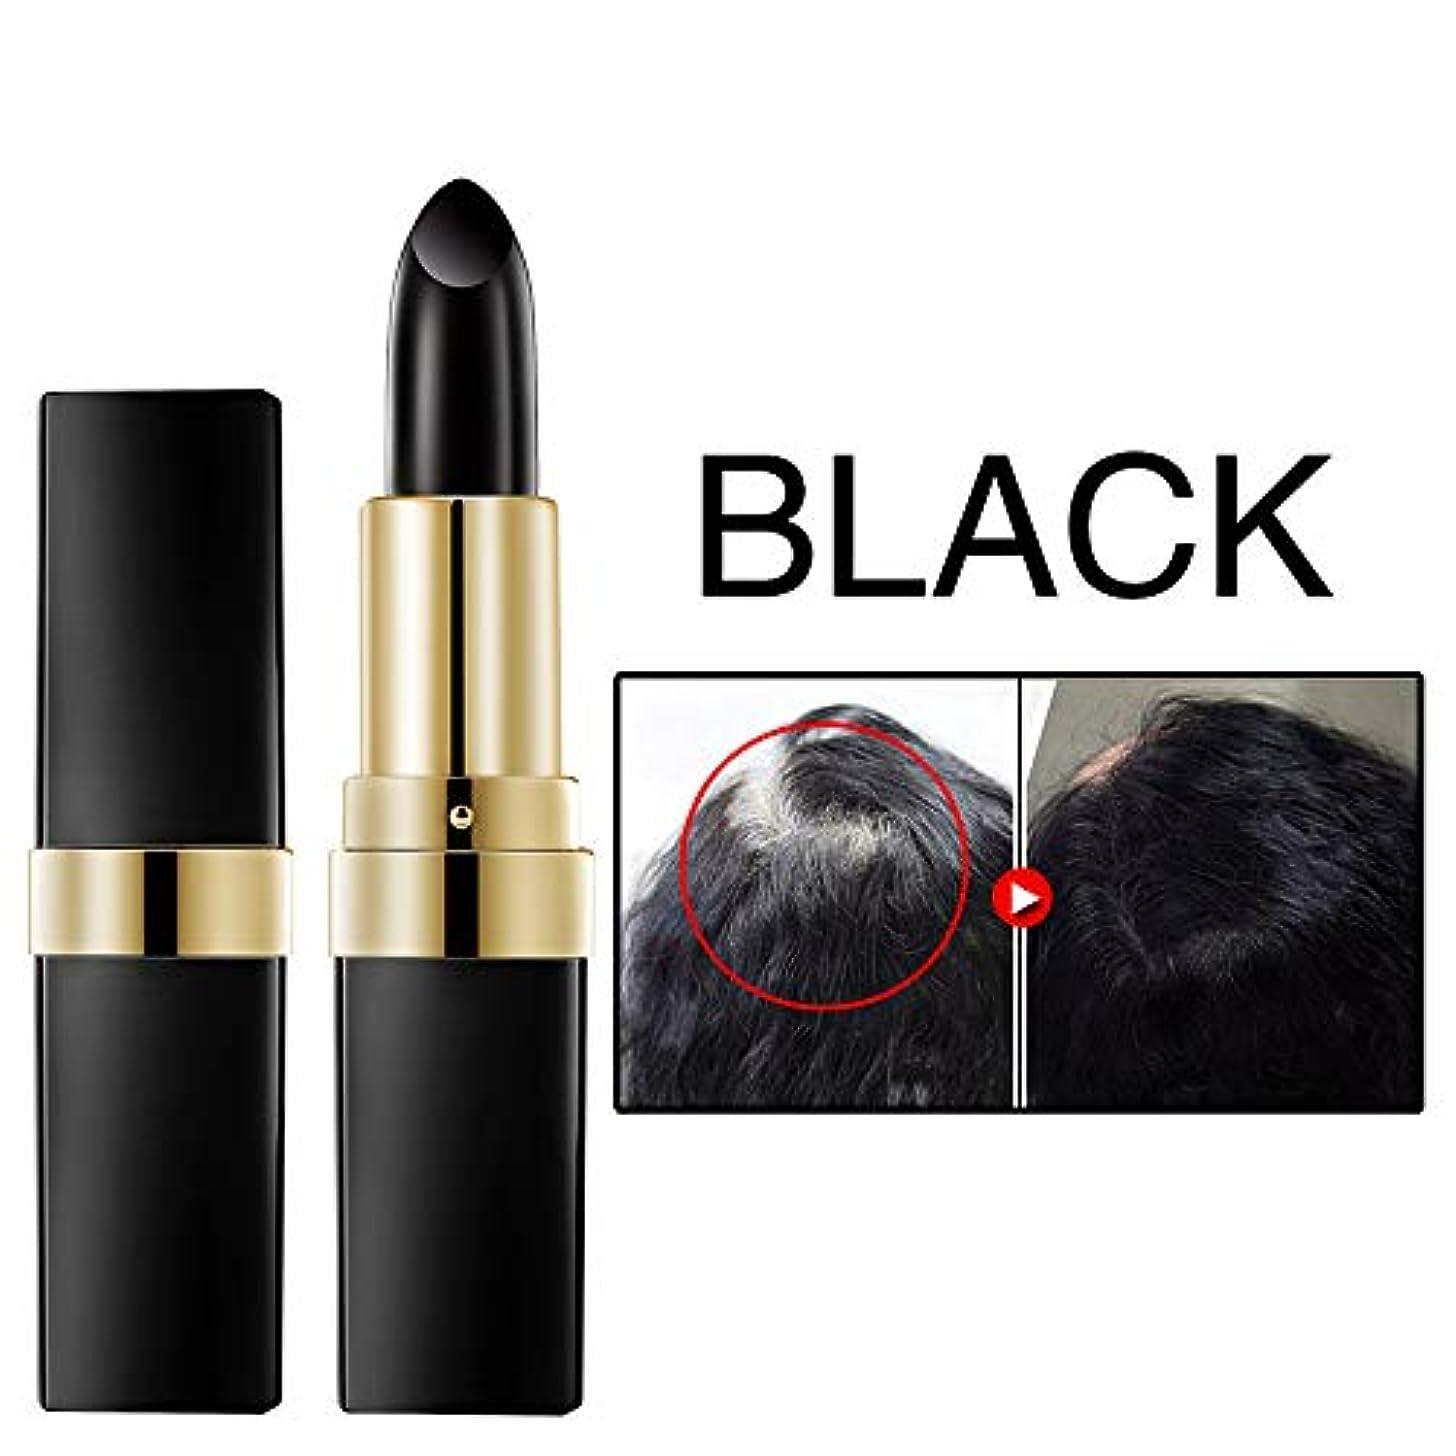 さびた配列エンティティワンタイムヘア染料インスタントグレールートカバレッジヘアカラー変更クリームスティック一時的なカバーアップ白い髪の色の染料 3.8 g (ブラック)